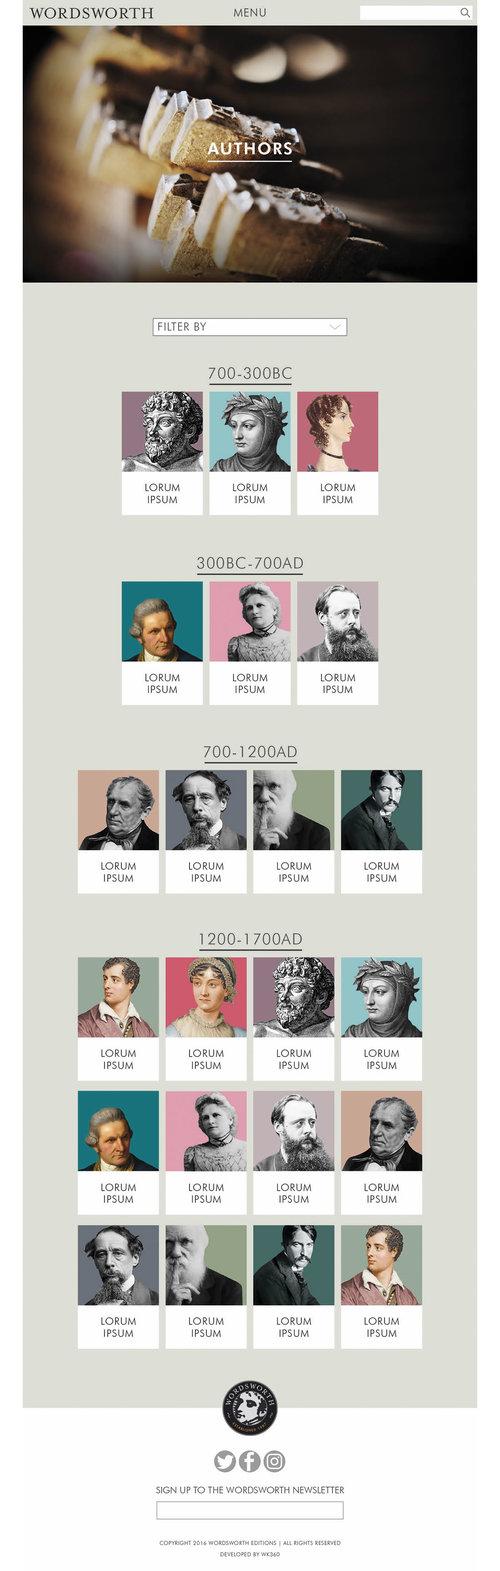 1912_Wordsworth+site5.jpg